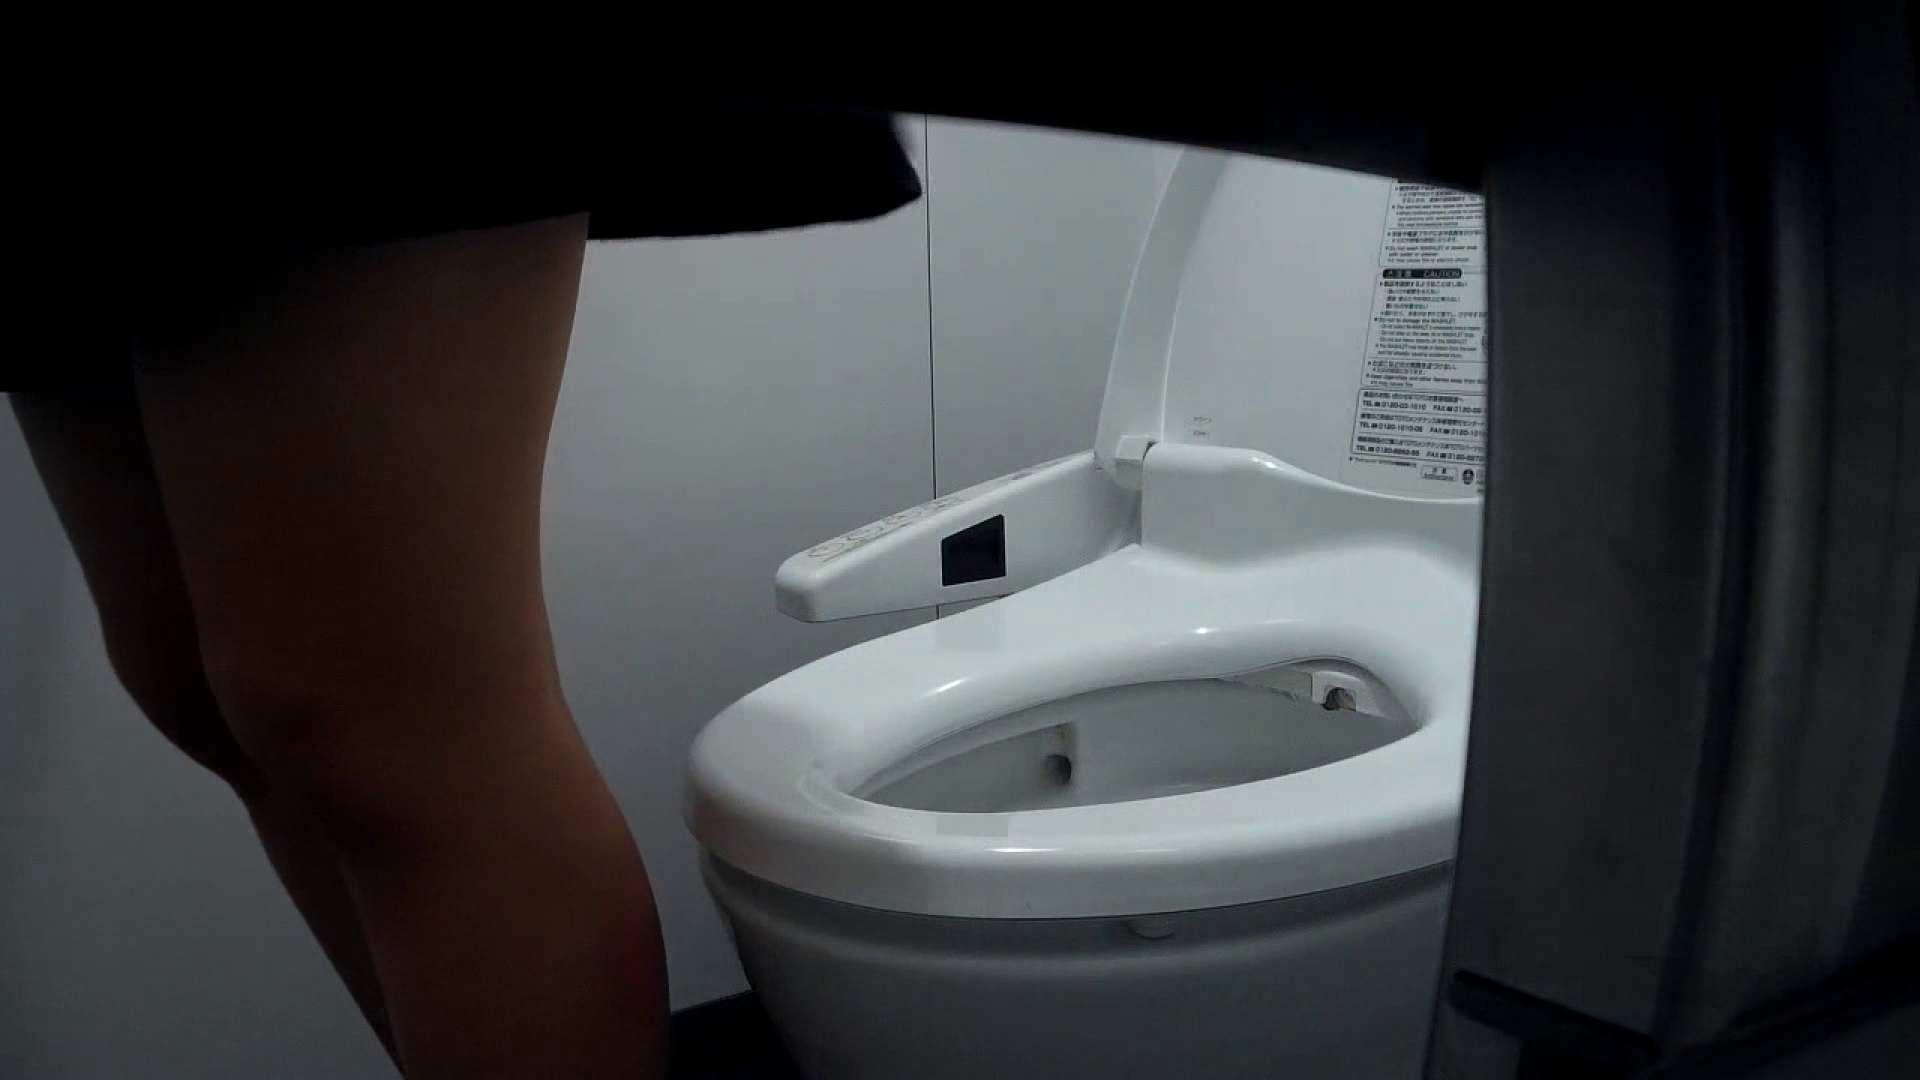 有名大学女性洗面所 vol.37 ついでにアンダーヘアーの状態確認ですね。 洗面所のぞき われめAV動画紹介 76枚 58